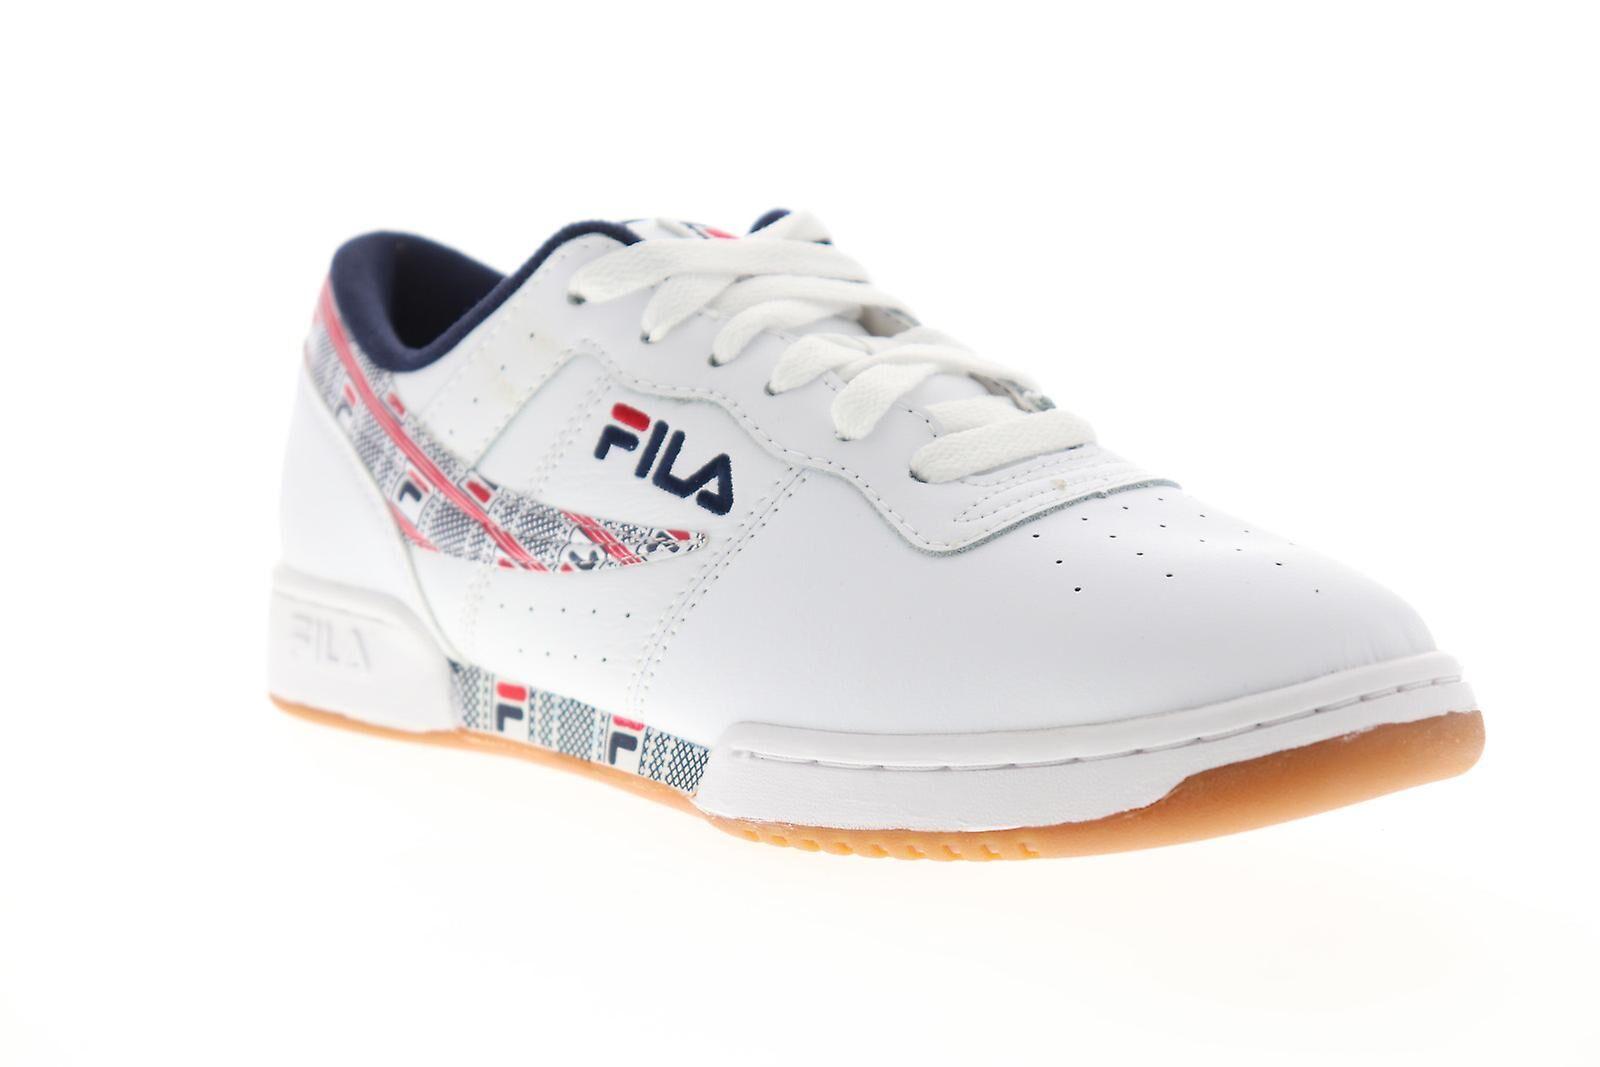 Fila Chaussures Fila Original Fitness Haze Mens White Casual Low Top Sne...